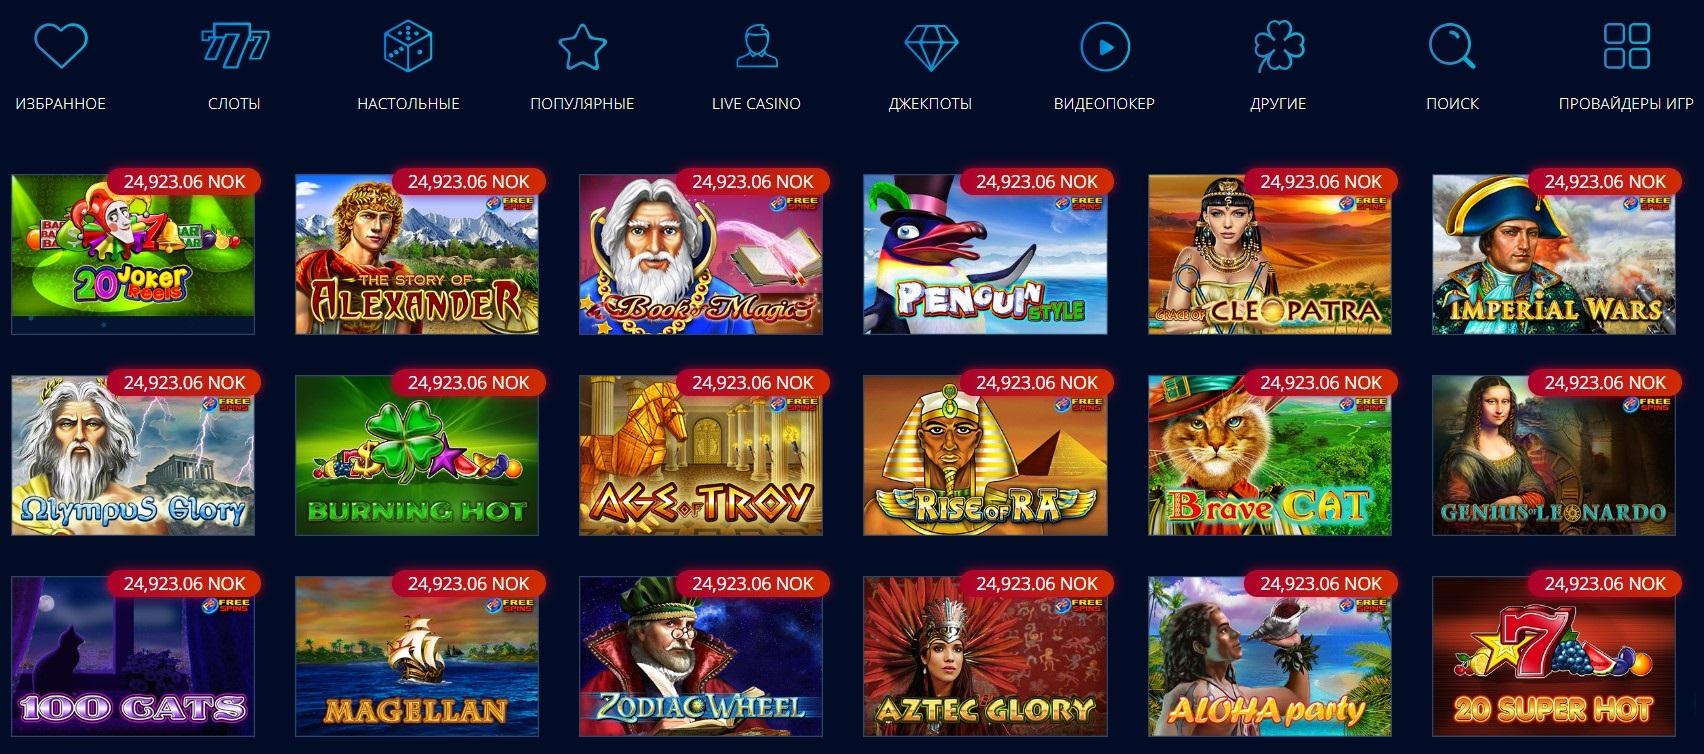 Игровые автоматы в казино Mr. Bit